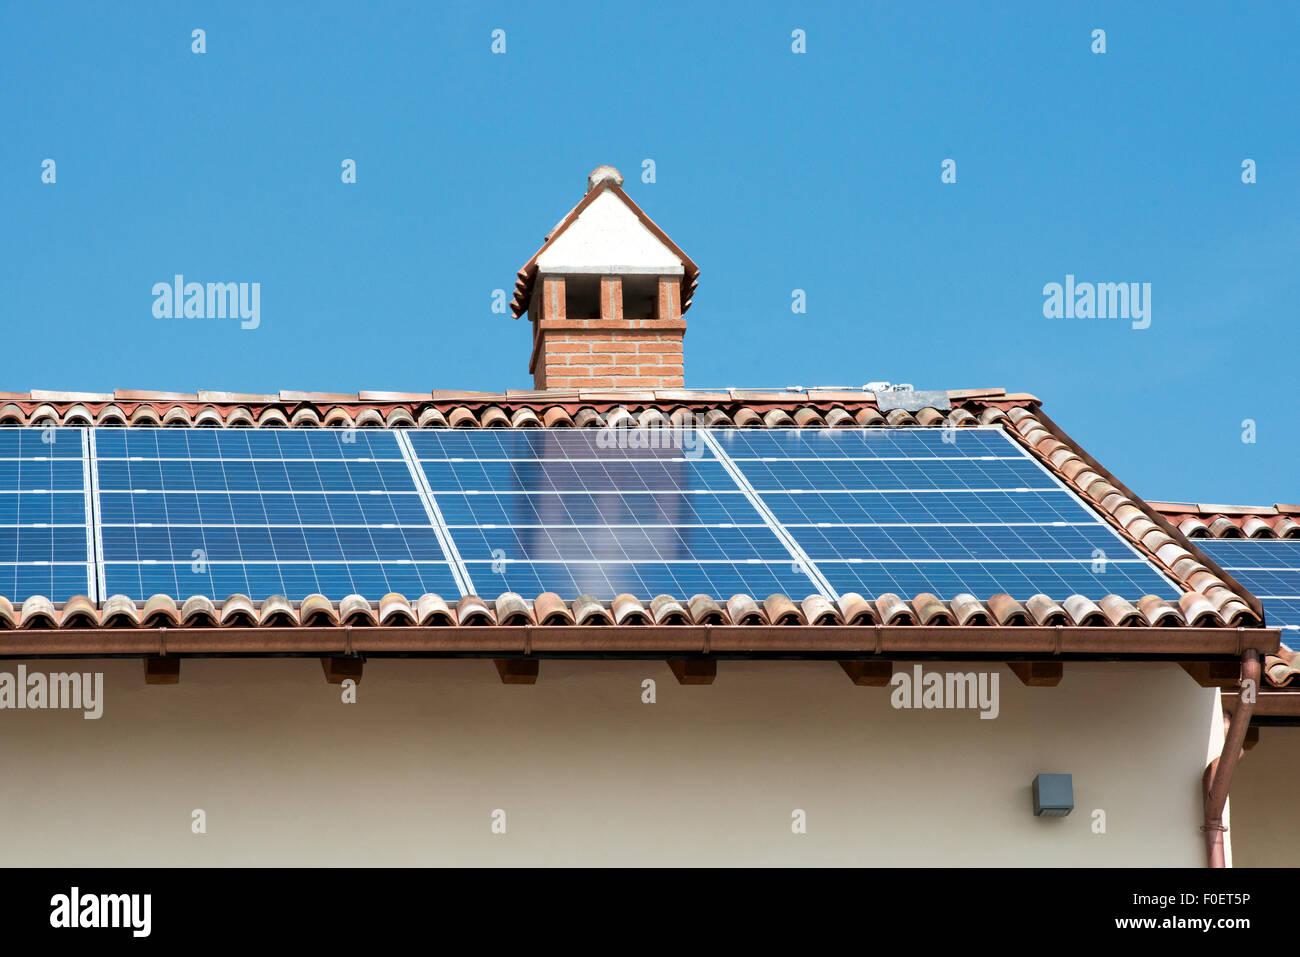 Los paneles solares fotovoltaicos en el tejado de un edificio Imagen De Stock